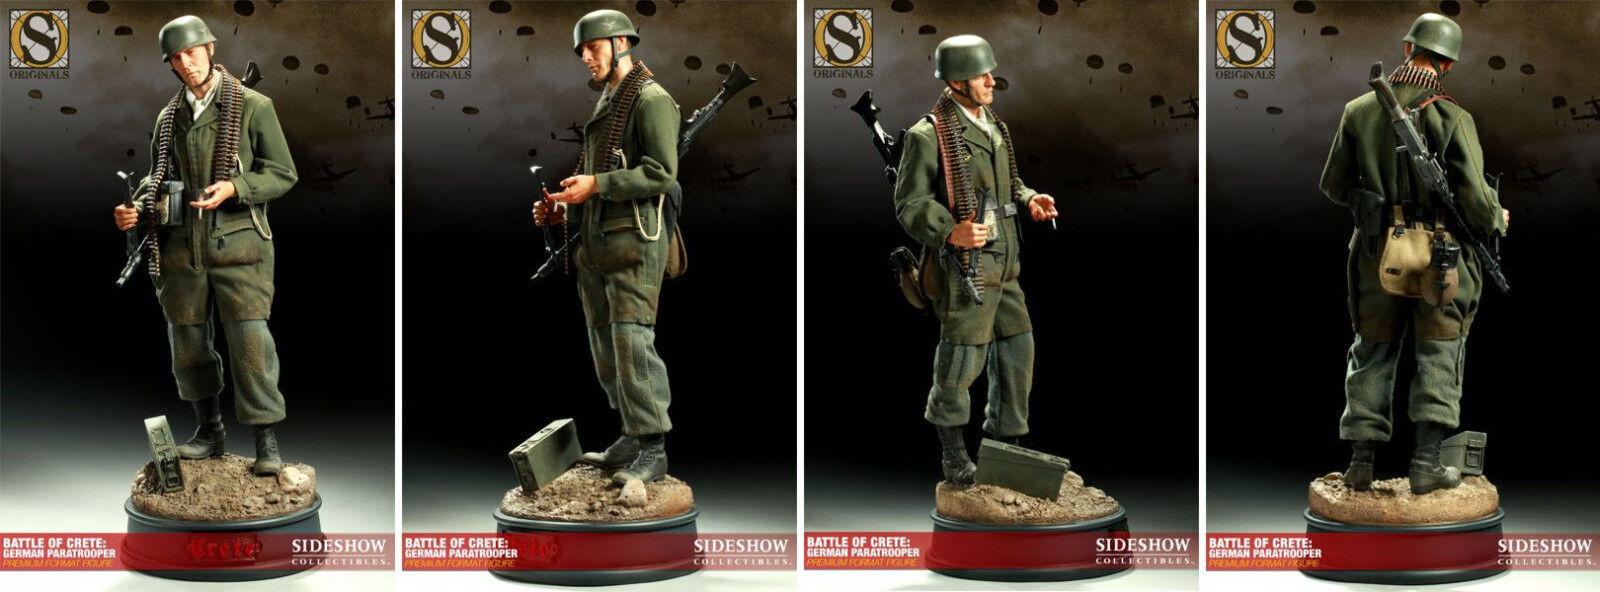 buena calidad SIDESHOW  Battle of Crete German Paratrooper Paratrooper Paratrooper  Premium Format  punto de venta